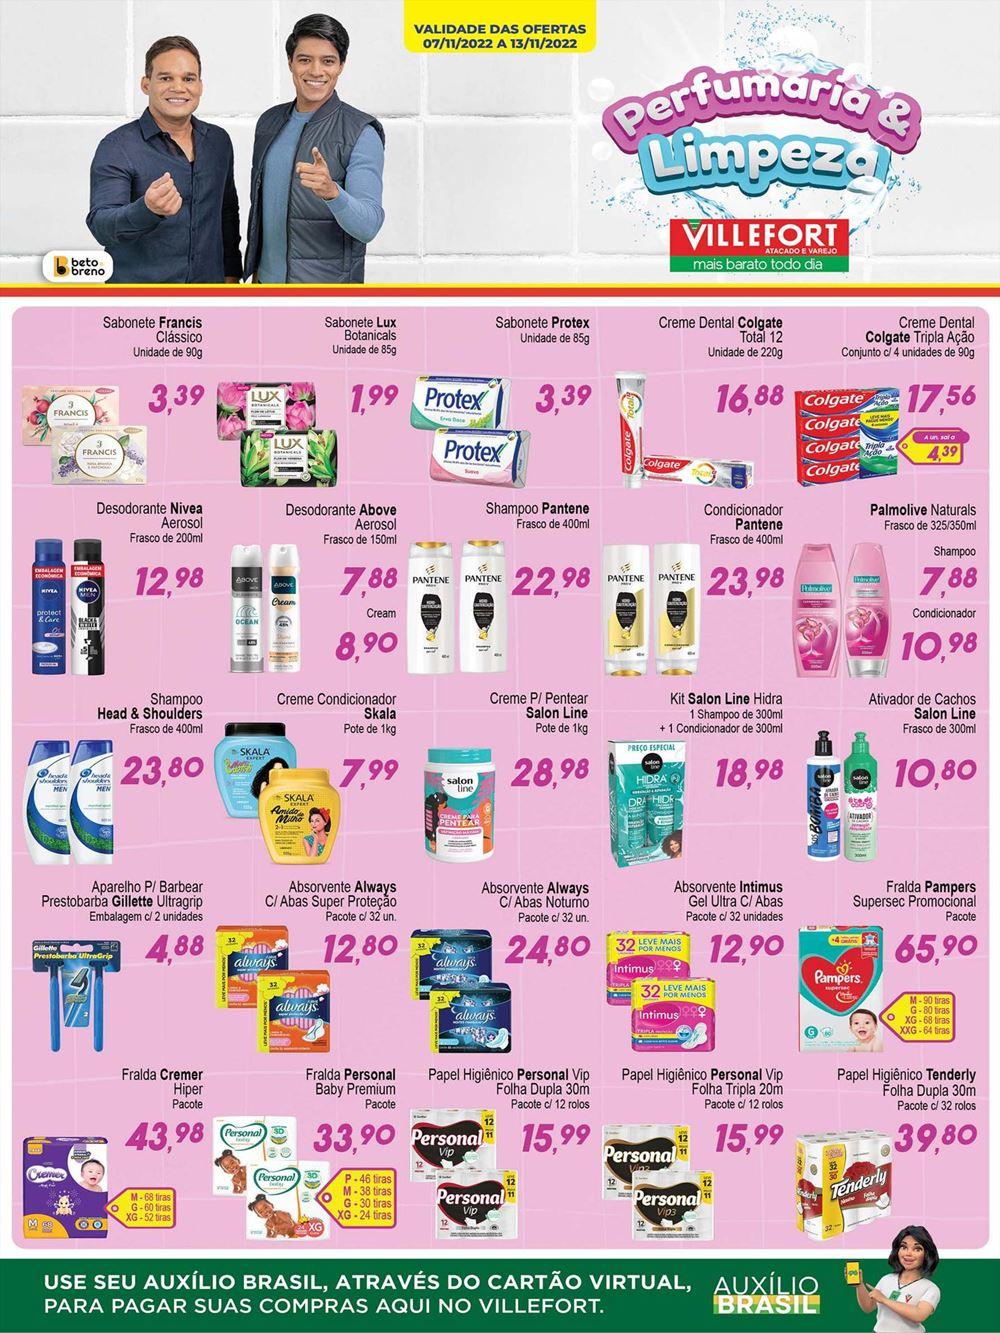 ville-ofertas-descontos-hoje1-6 Minas Gerais